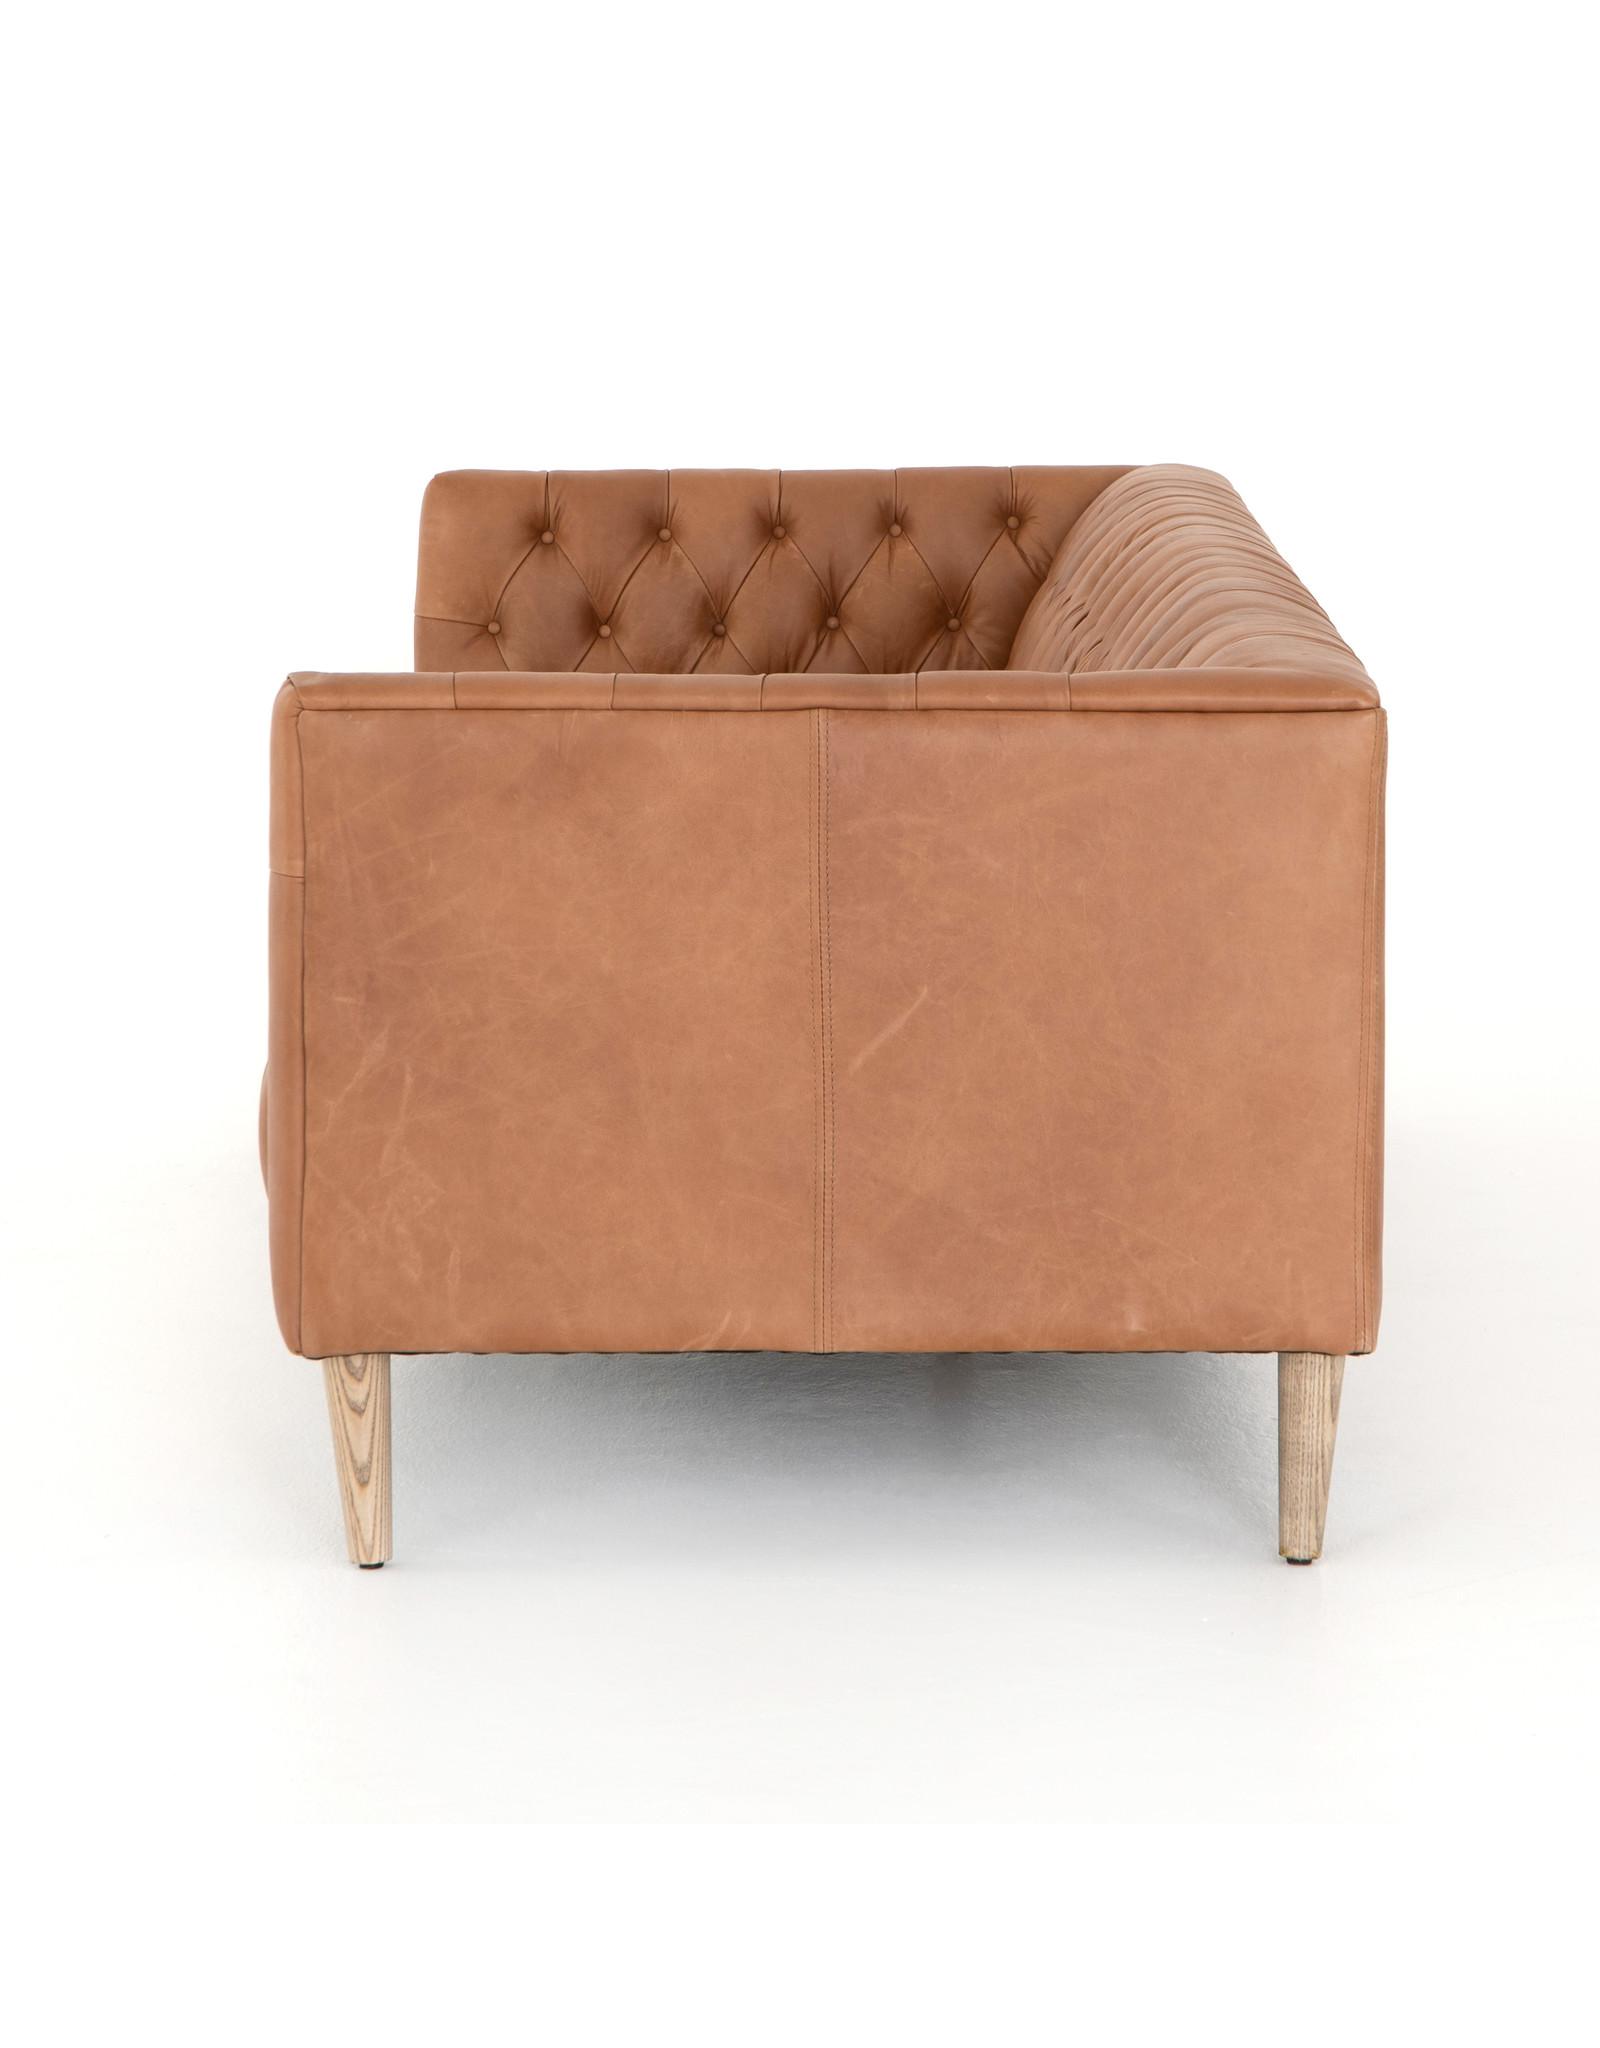 *Williams Leather Sofa